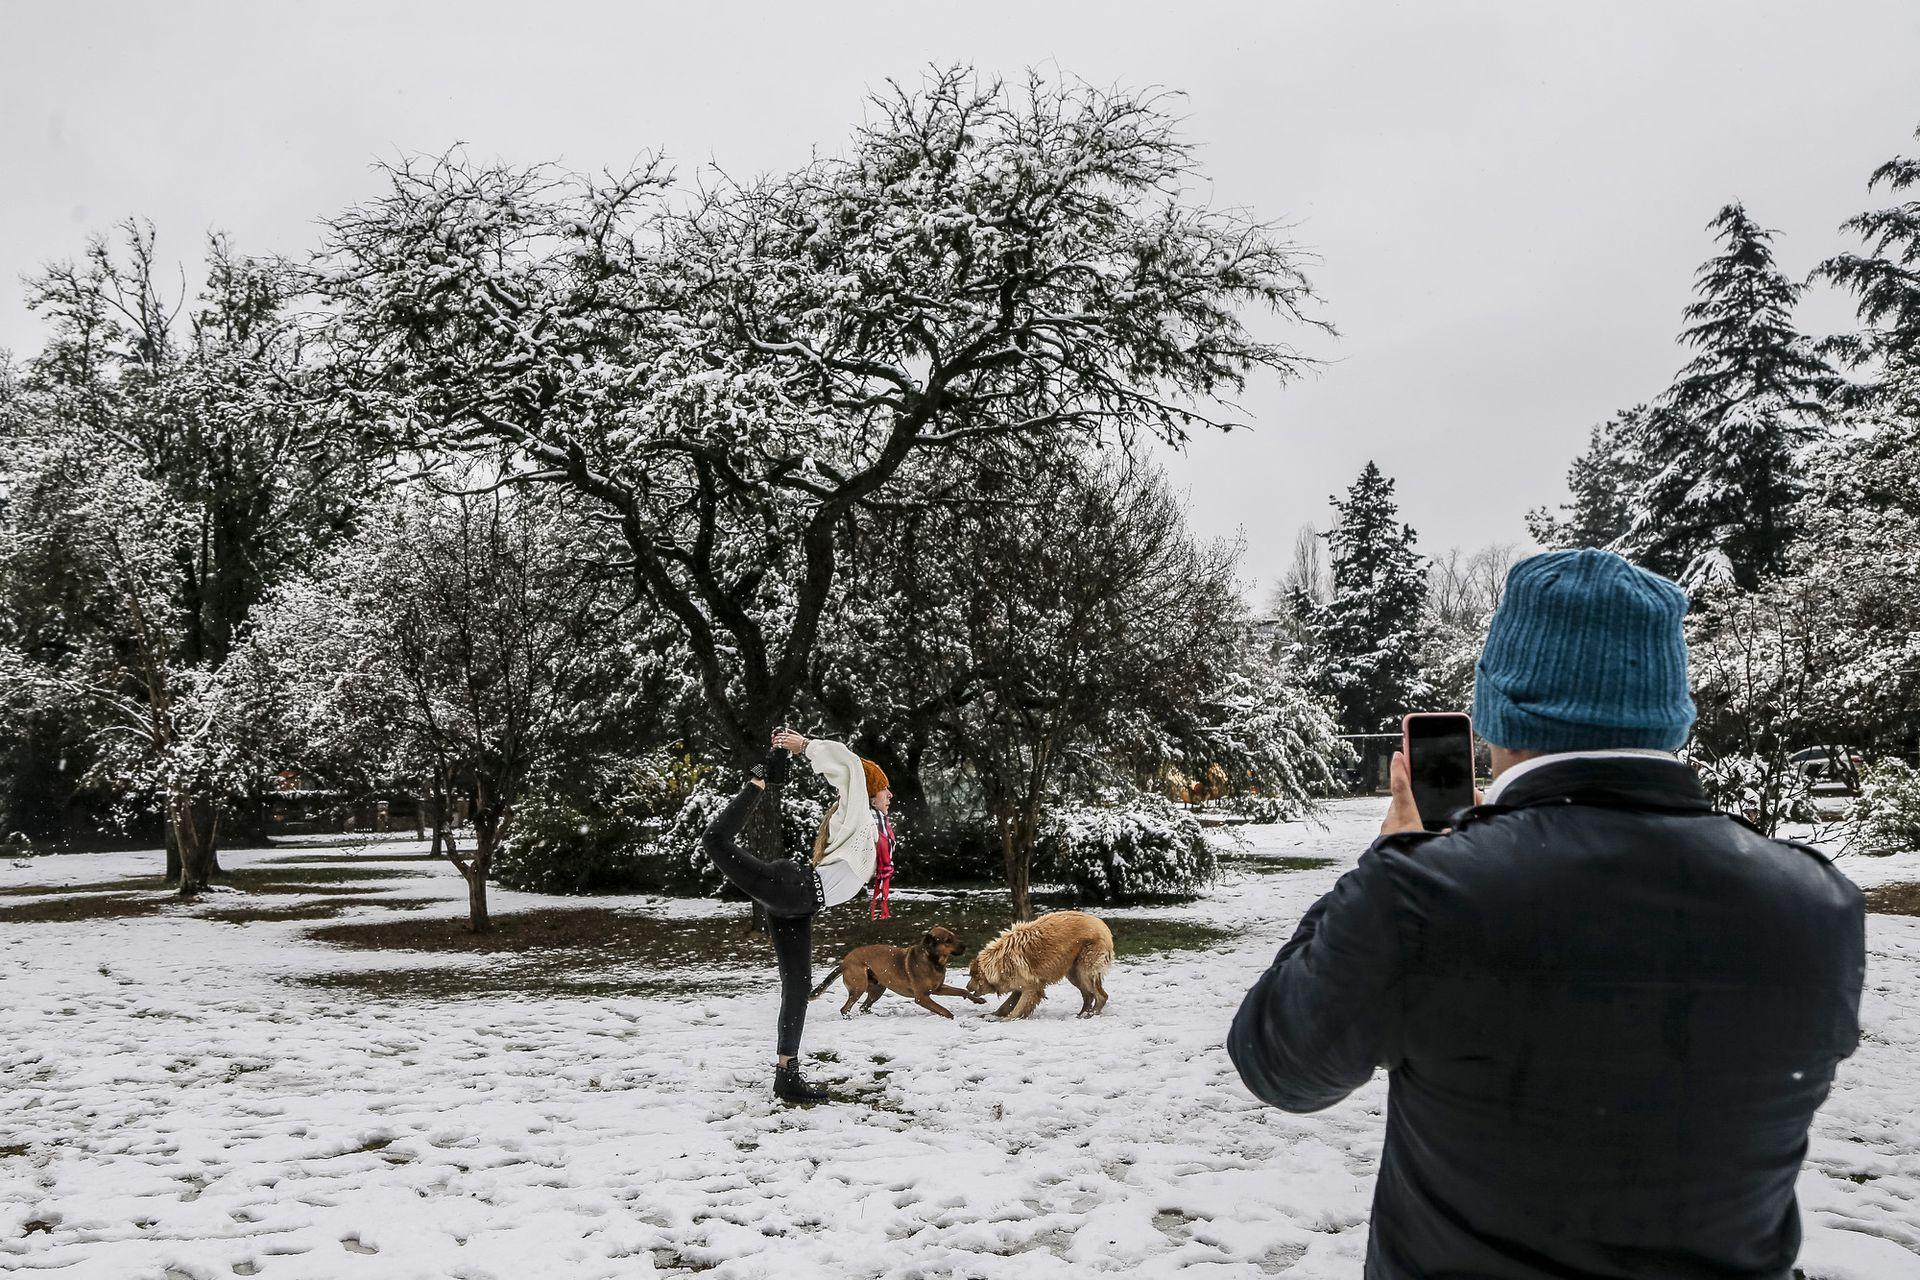 Tomando fotos para recordar la nevada en el Valle de Calamuchita en Villa General Belgrano, Córdoba